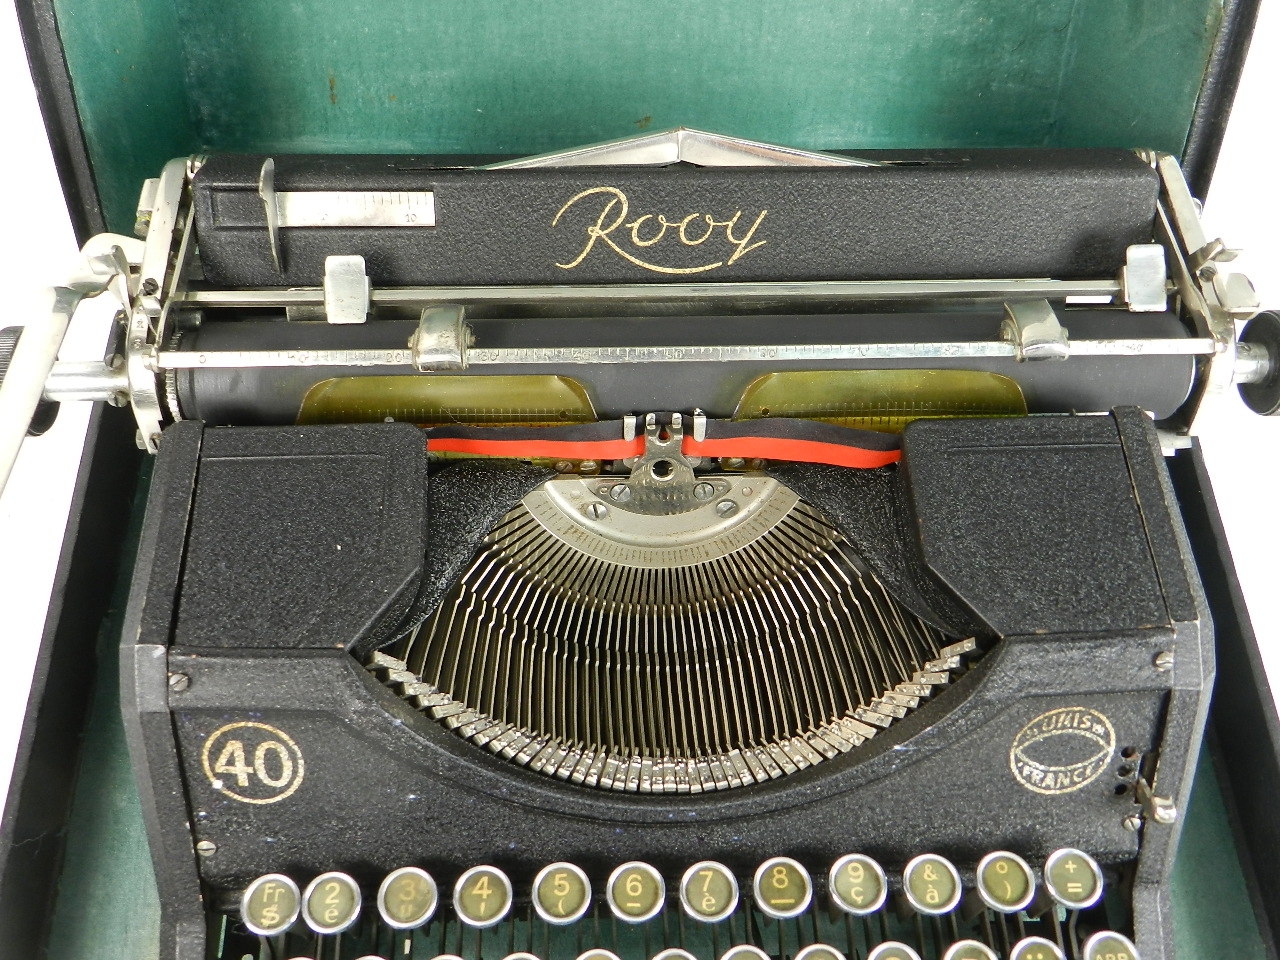 Imagen ROOY 40  AÑO 1940 29573